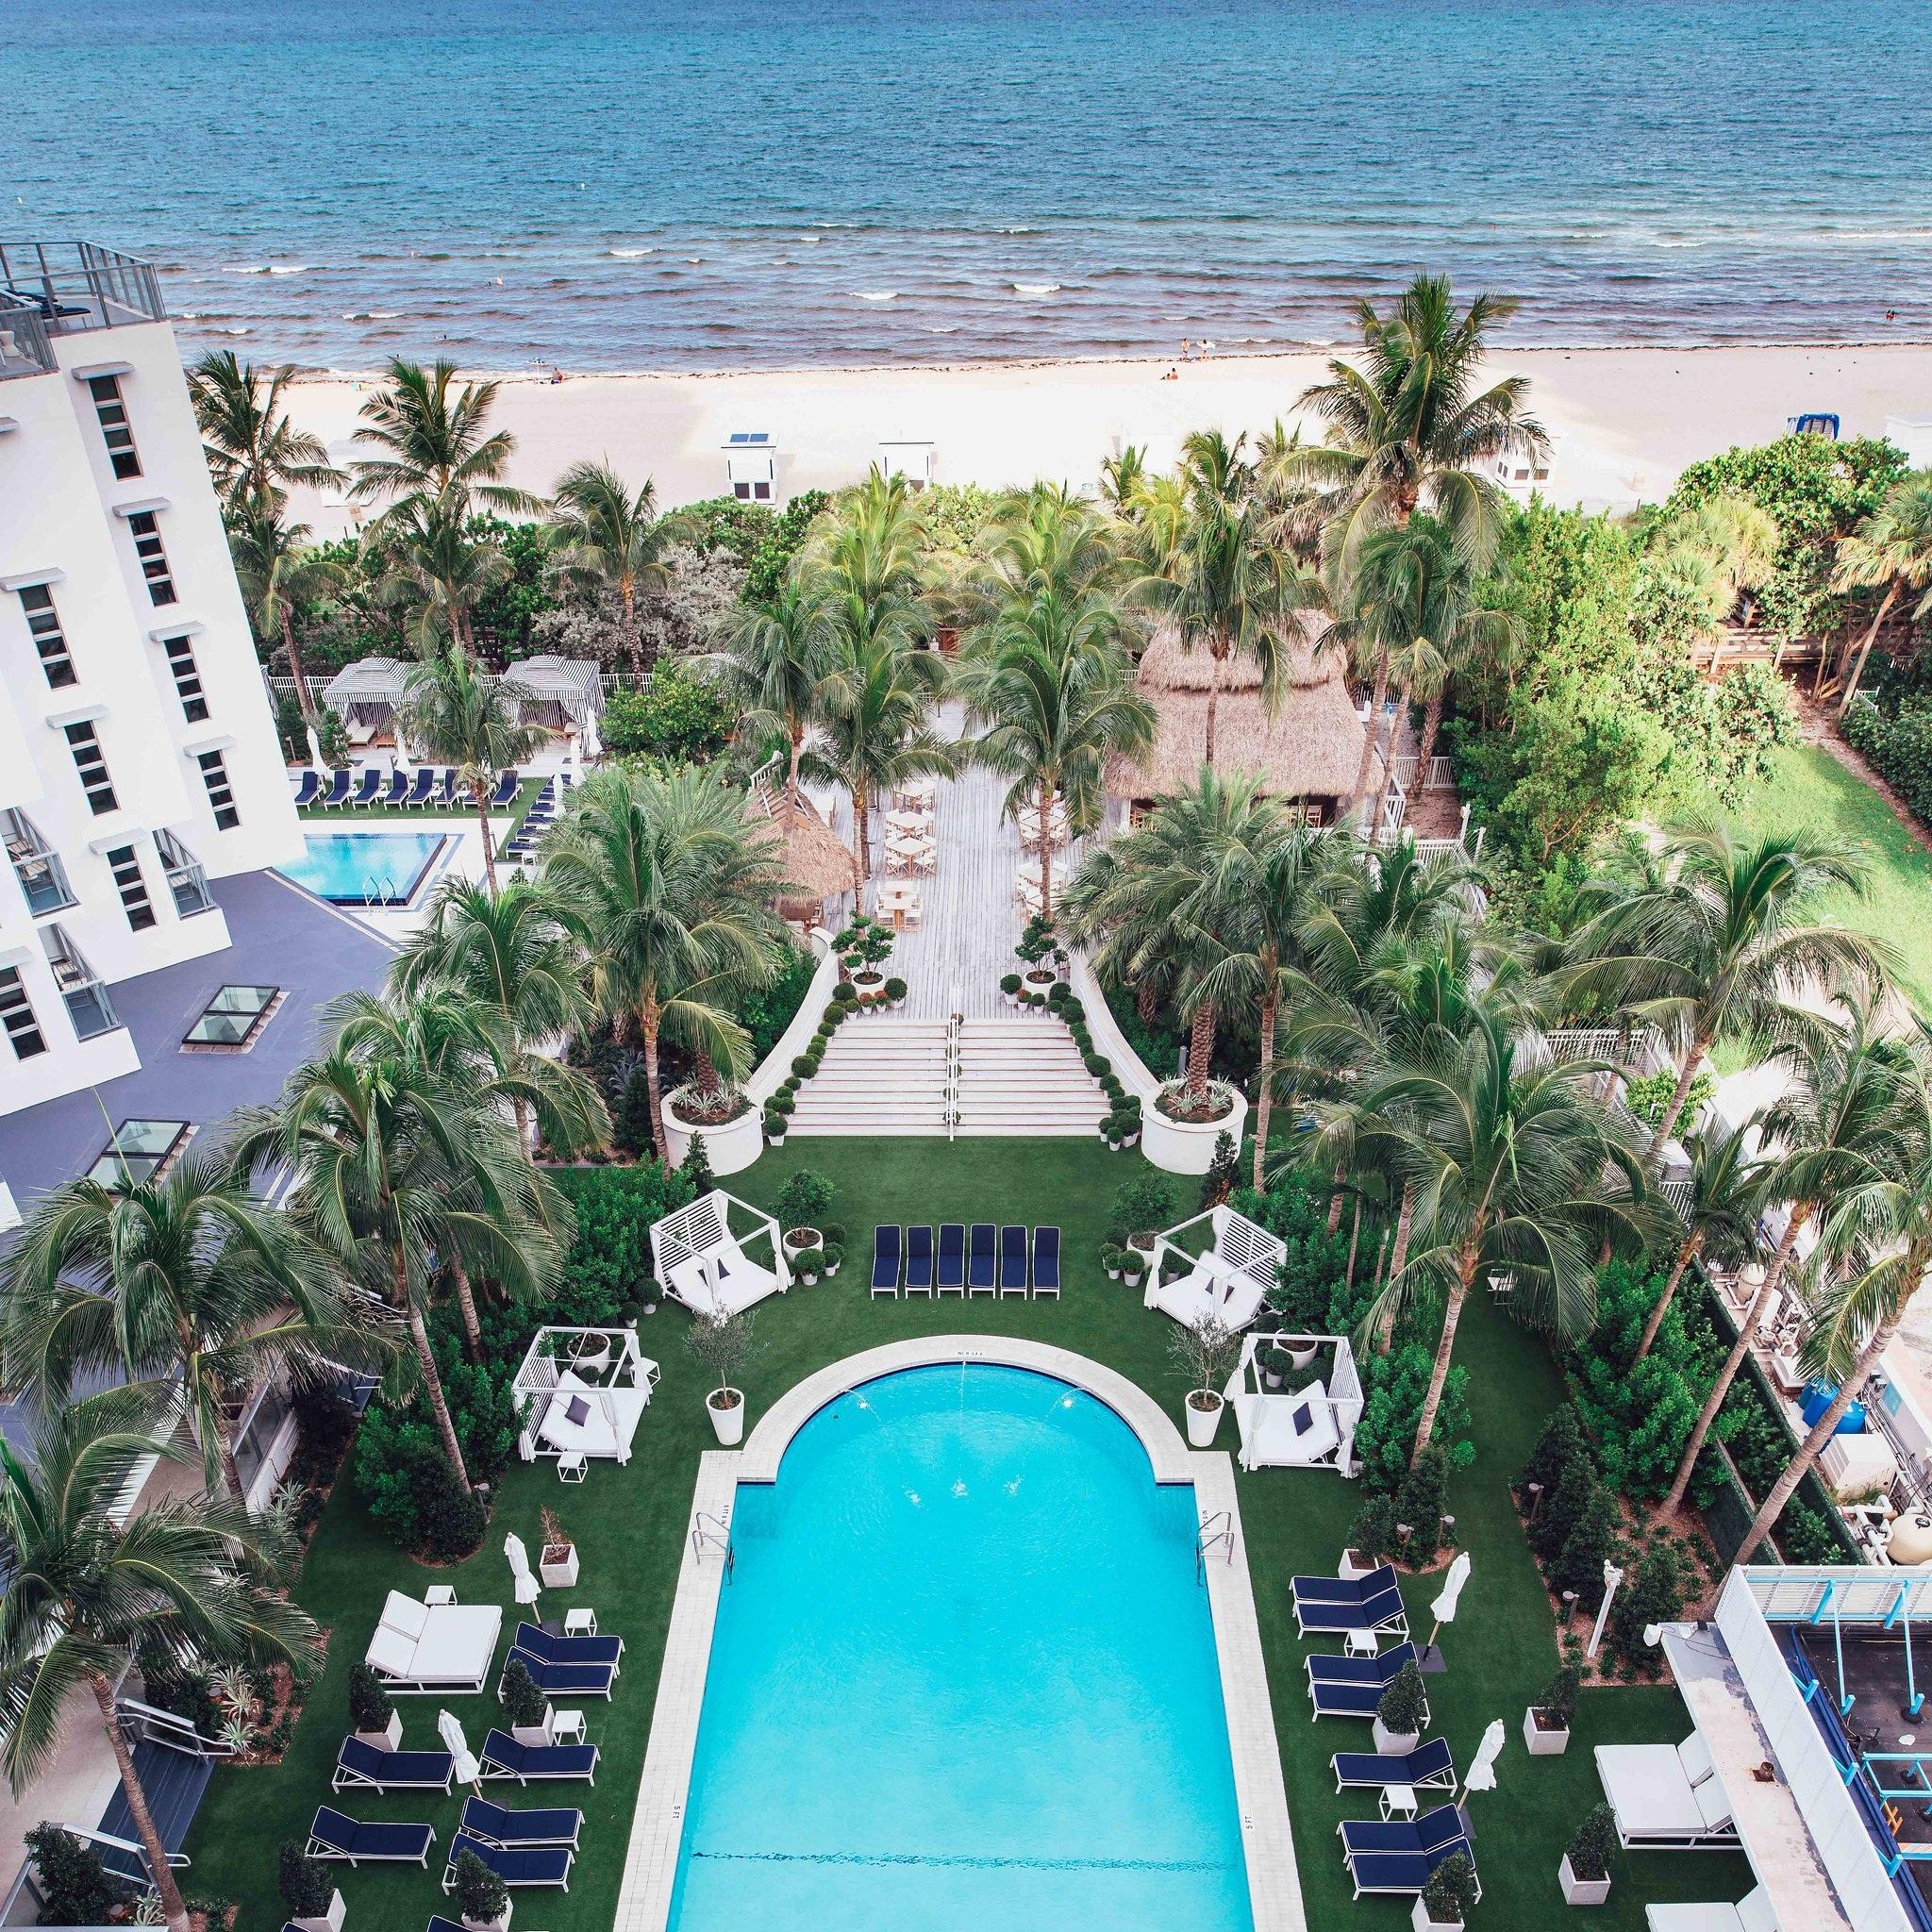 CADILLAC HOTEL & BEACH CLUB  / Miami, Florida